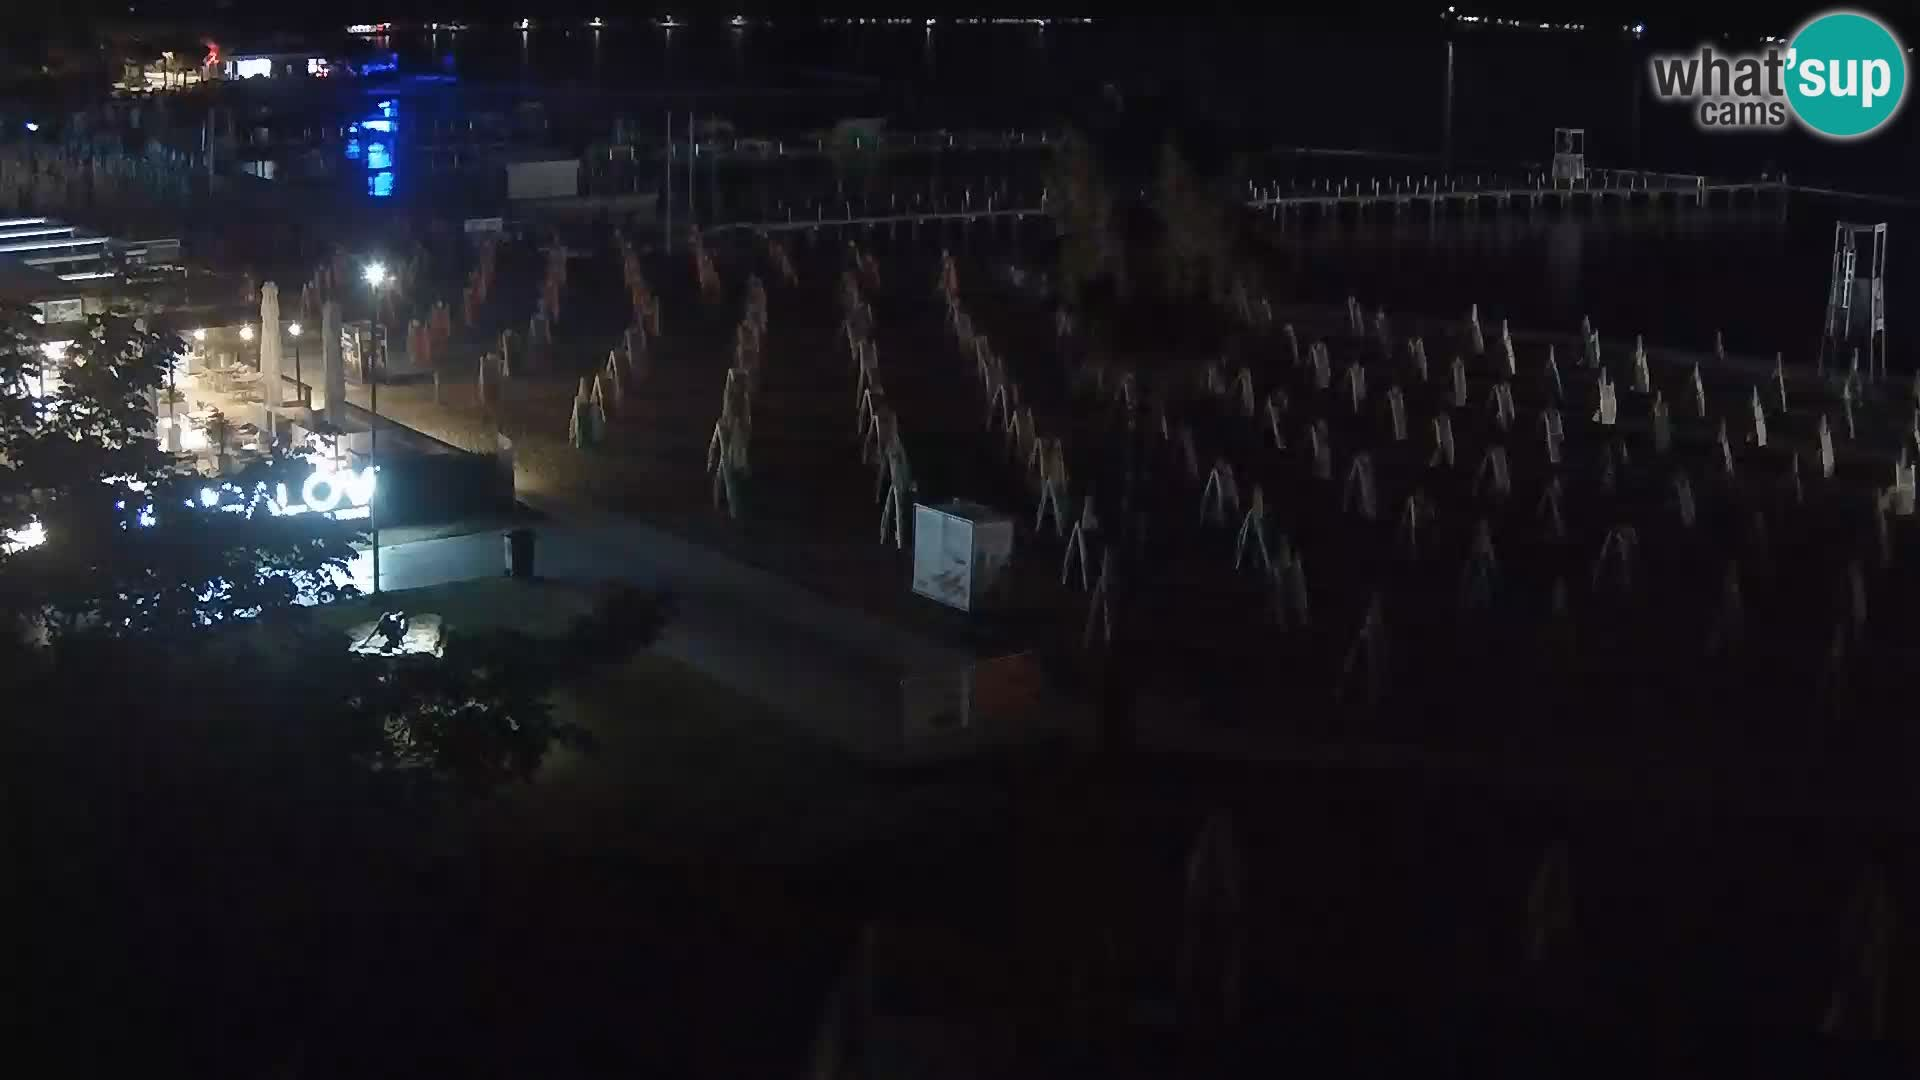 Webcam live Plage Portorož – Caffe Karamela